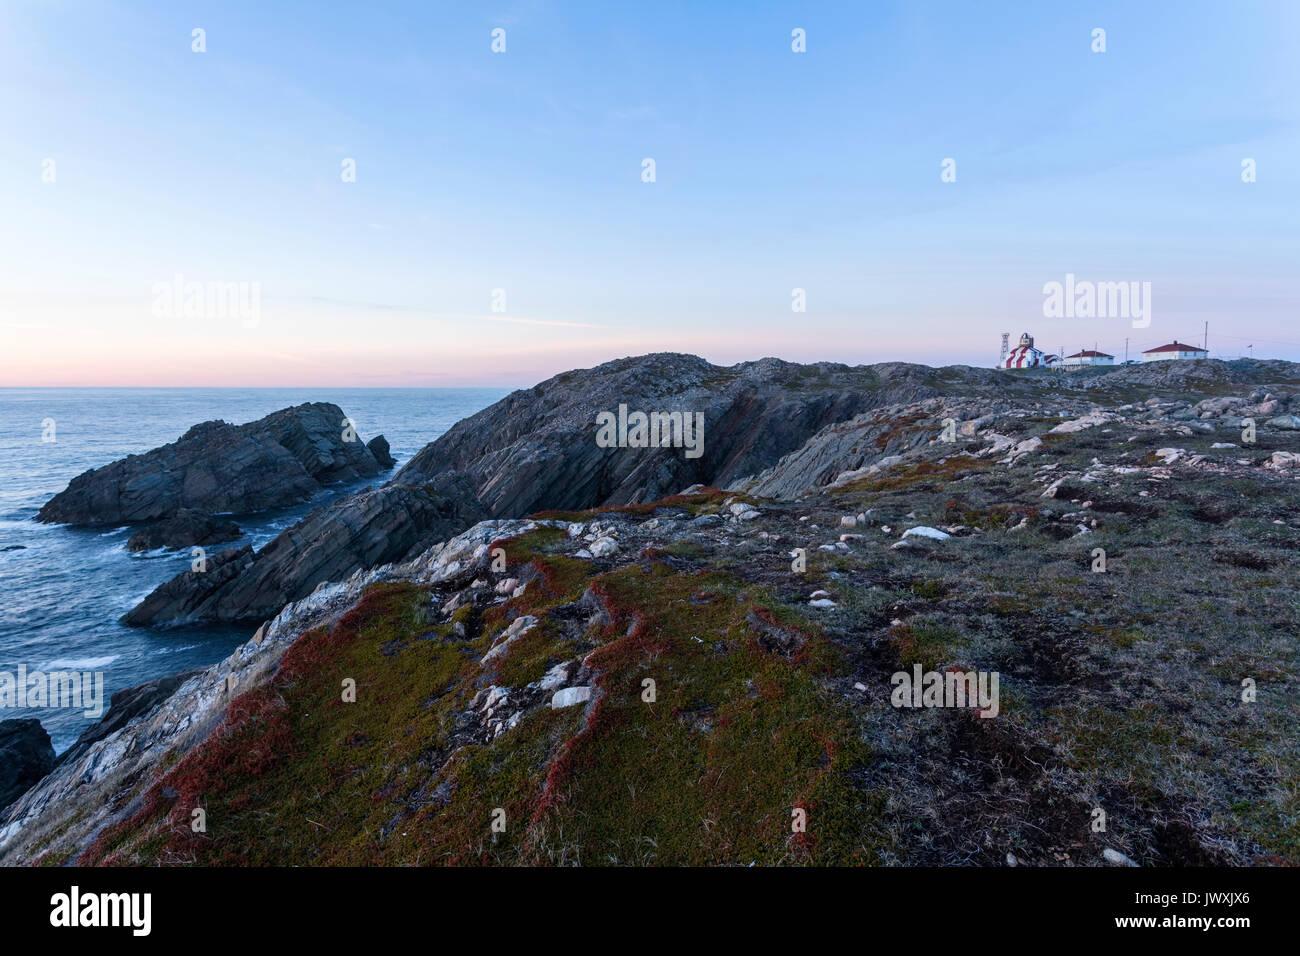 Sunset over the rocky Cape Bonavista coastline with the Cape Bonavista Lighthouse in the distance. Bonavista Peninsula, Newfoundland. - Stock Image